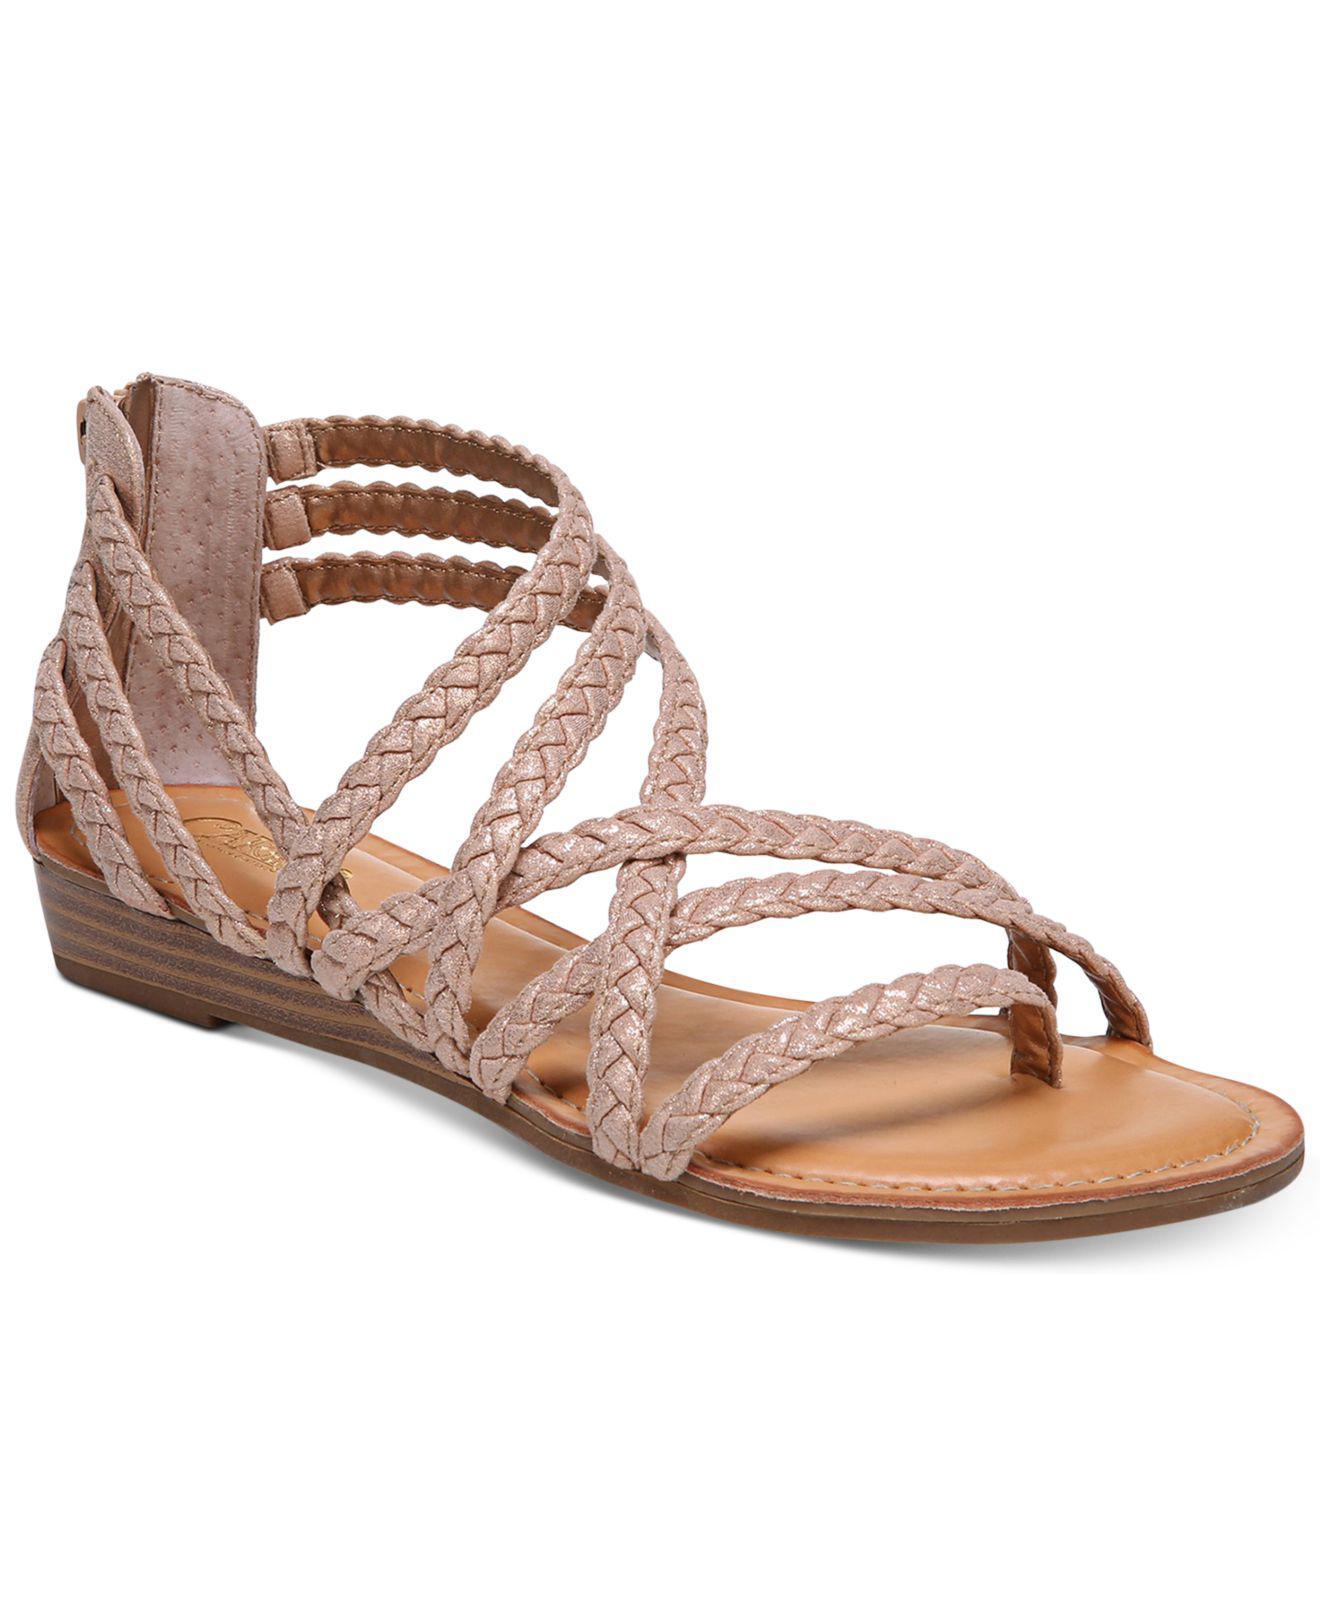 6b0e39e334e Carlos By Carlos Santana. Women s Amara Braided Flat Sandals